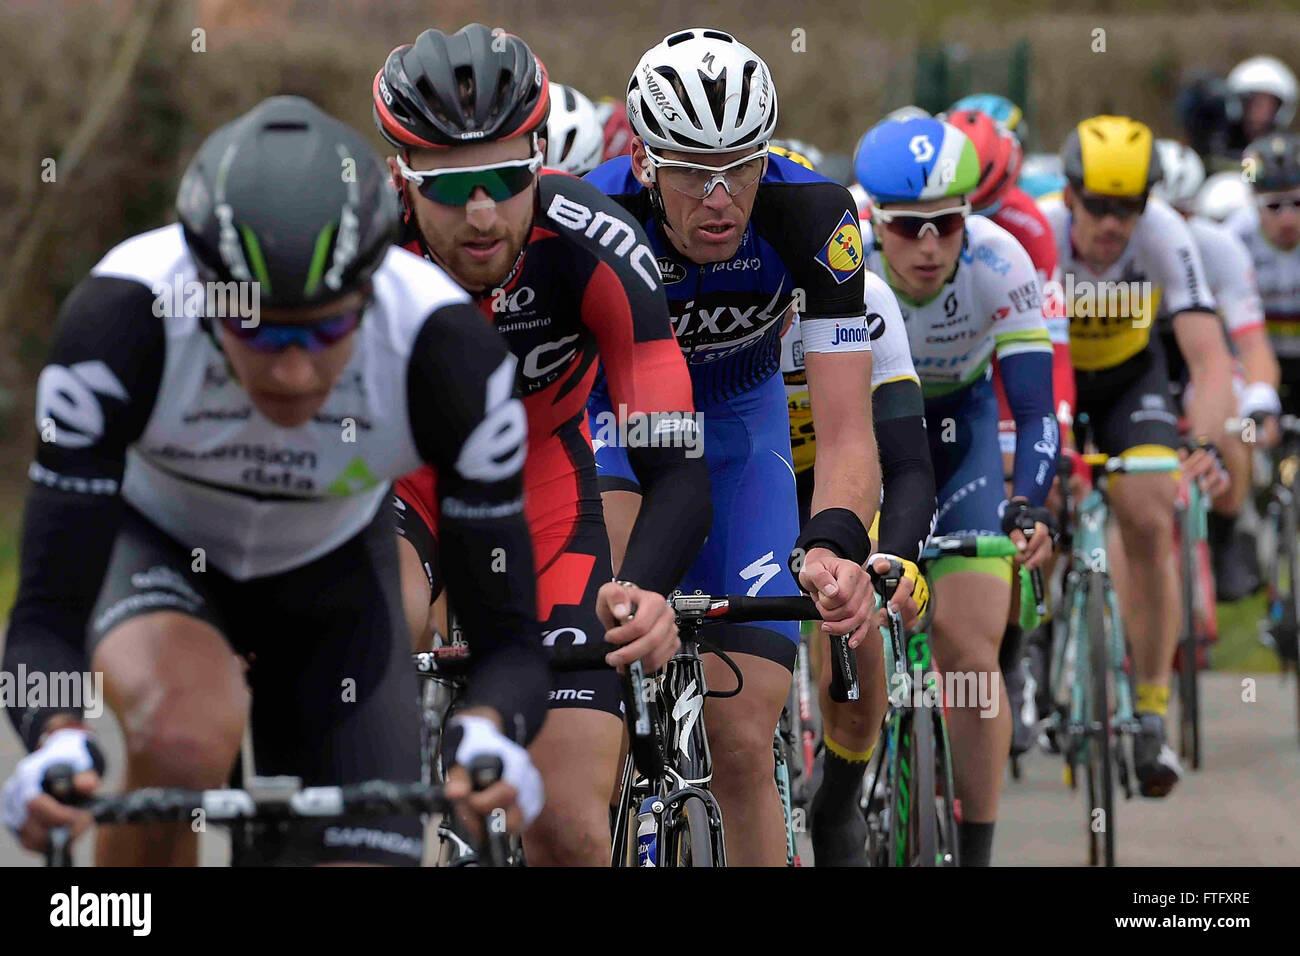 Deinze, Belgique. Mar 27, 2016. Stijn VANDENBERGH (BEL) Rider de ETIXX - QUICK STEP en action au cours de l'UCI Photo Stock